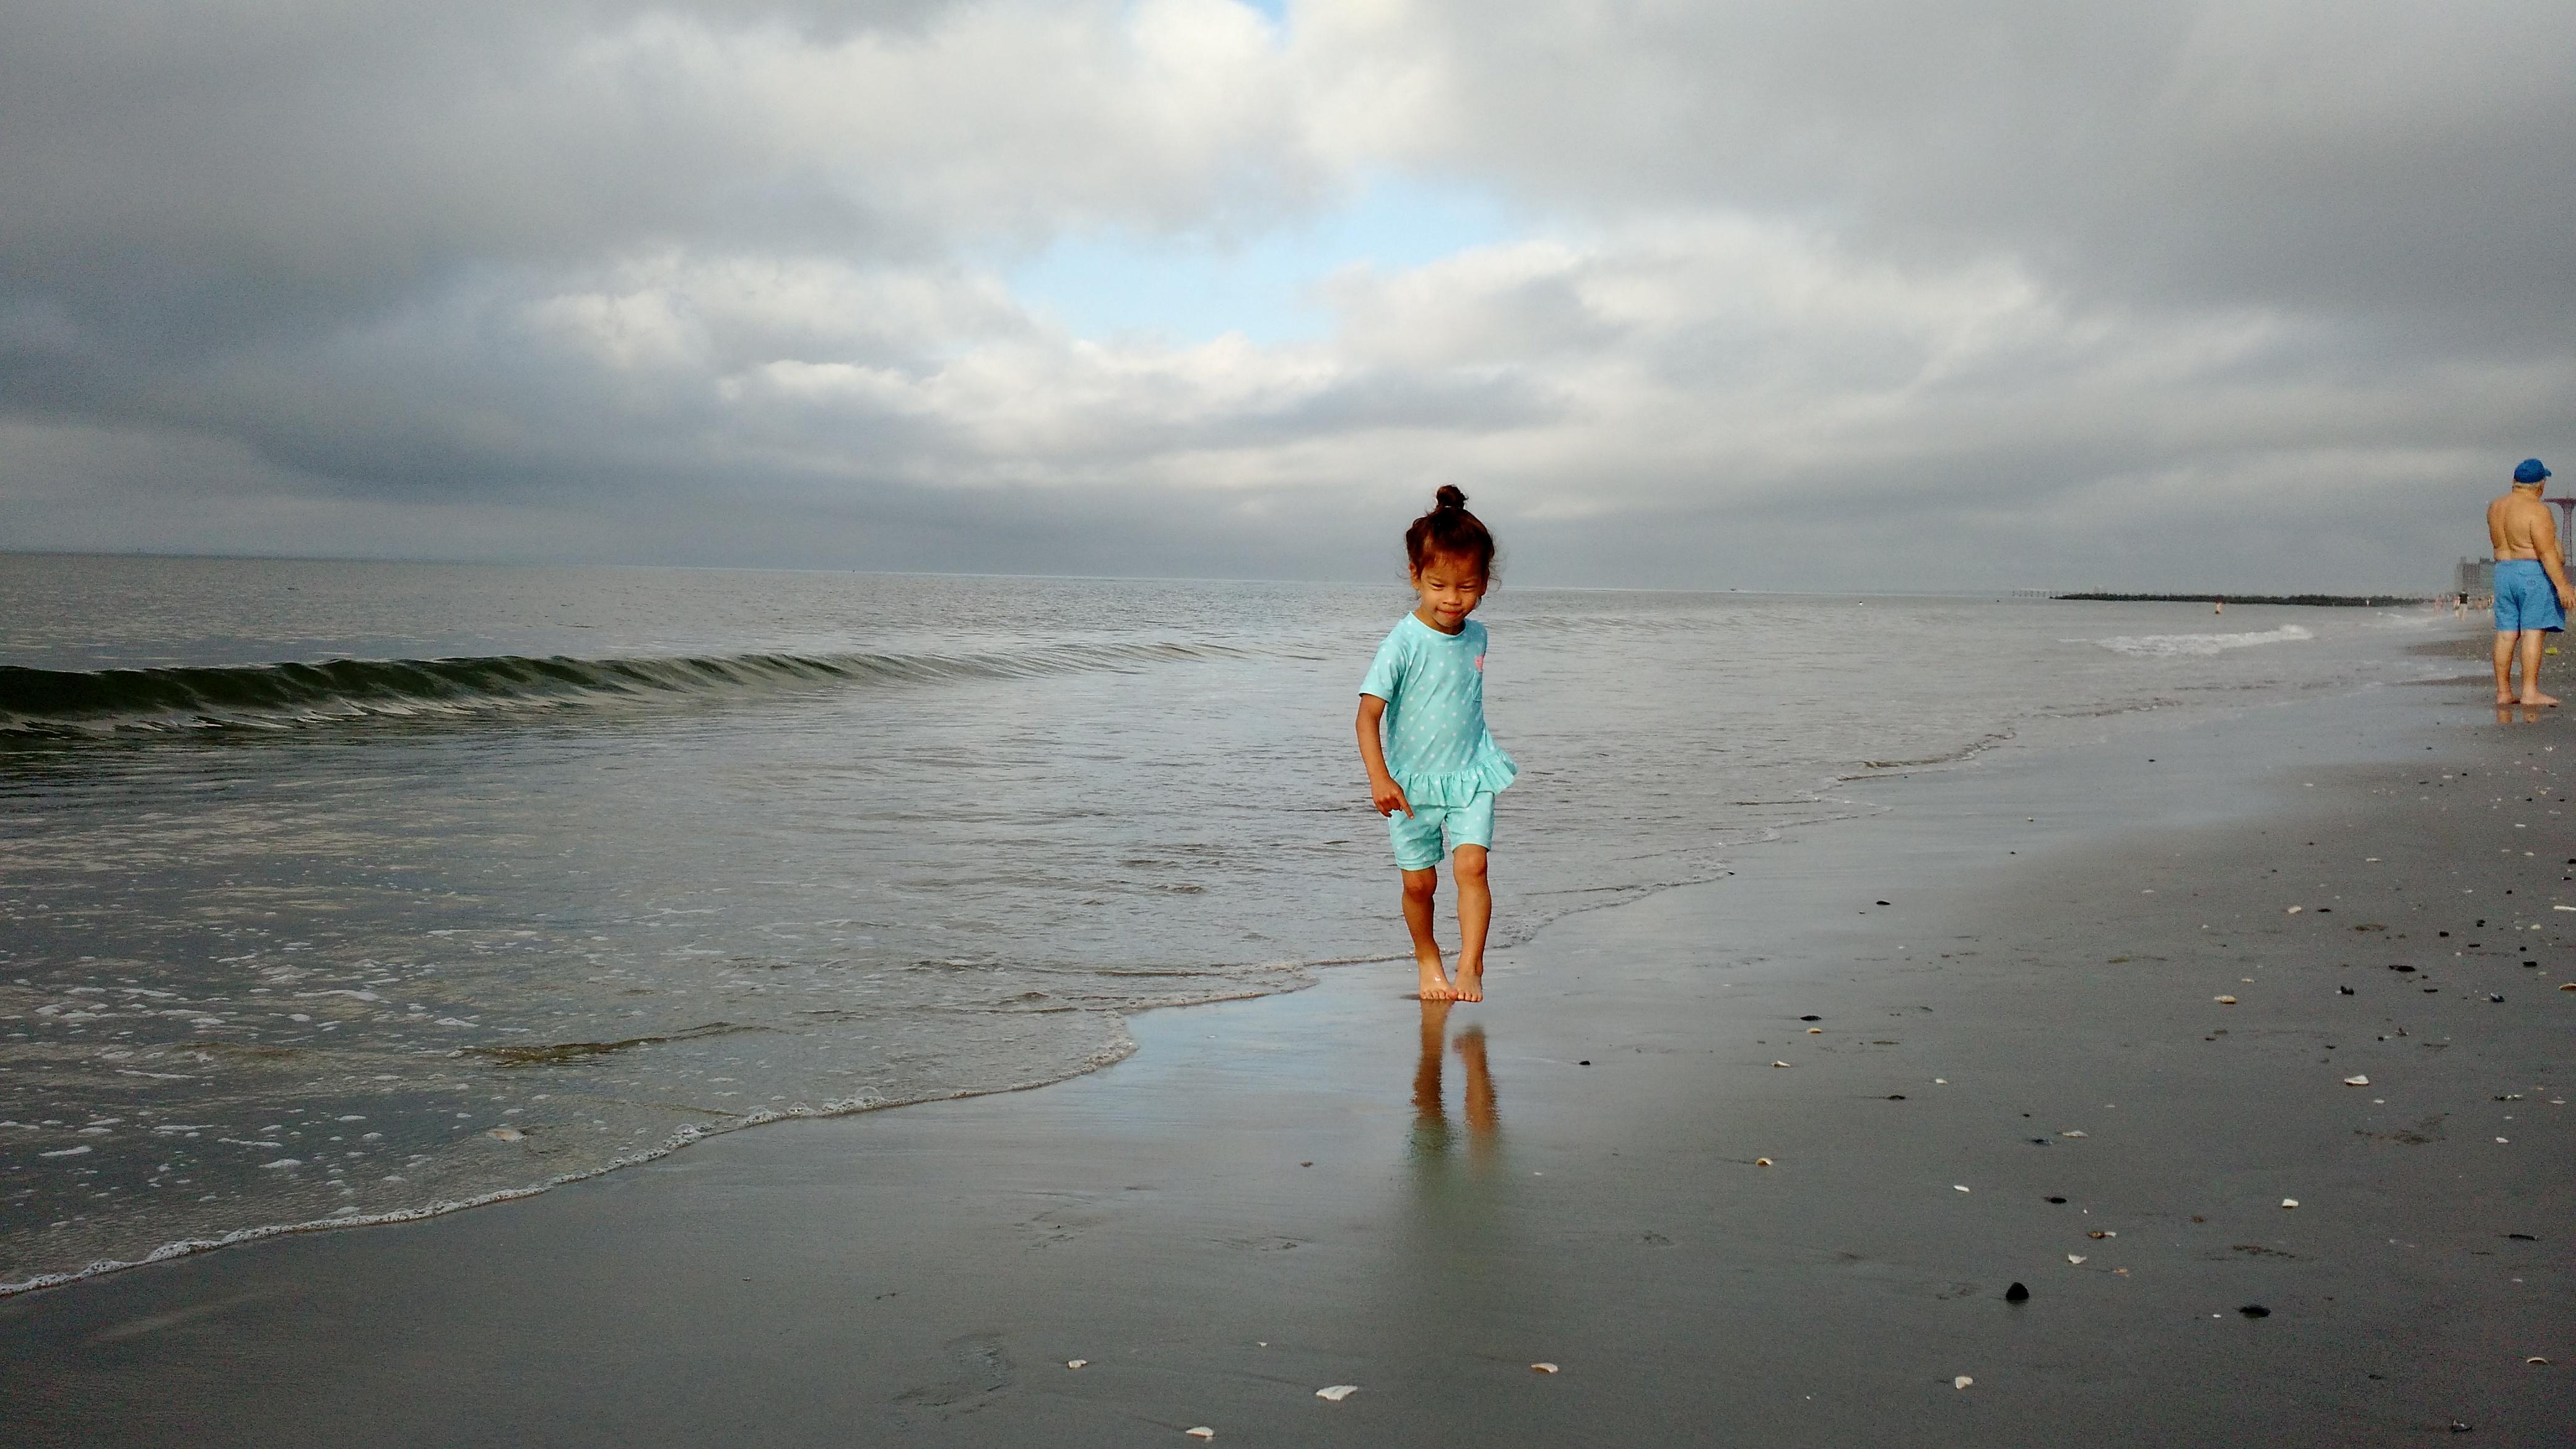 Stella at the beach (photo by Danielle)